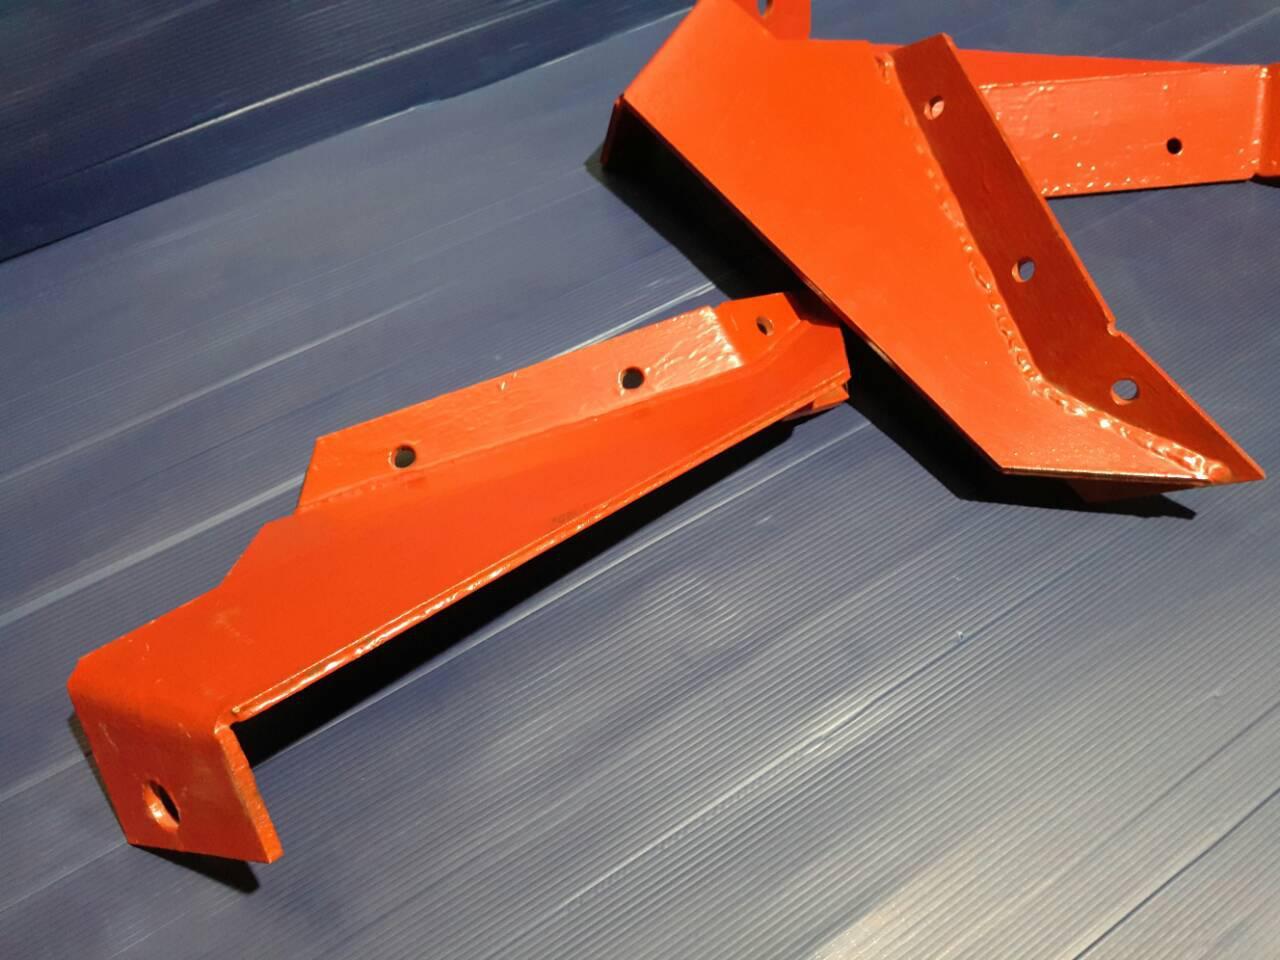 Поддержка отвала ПСКу (плуг скоростной комбинированный универсальный)